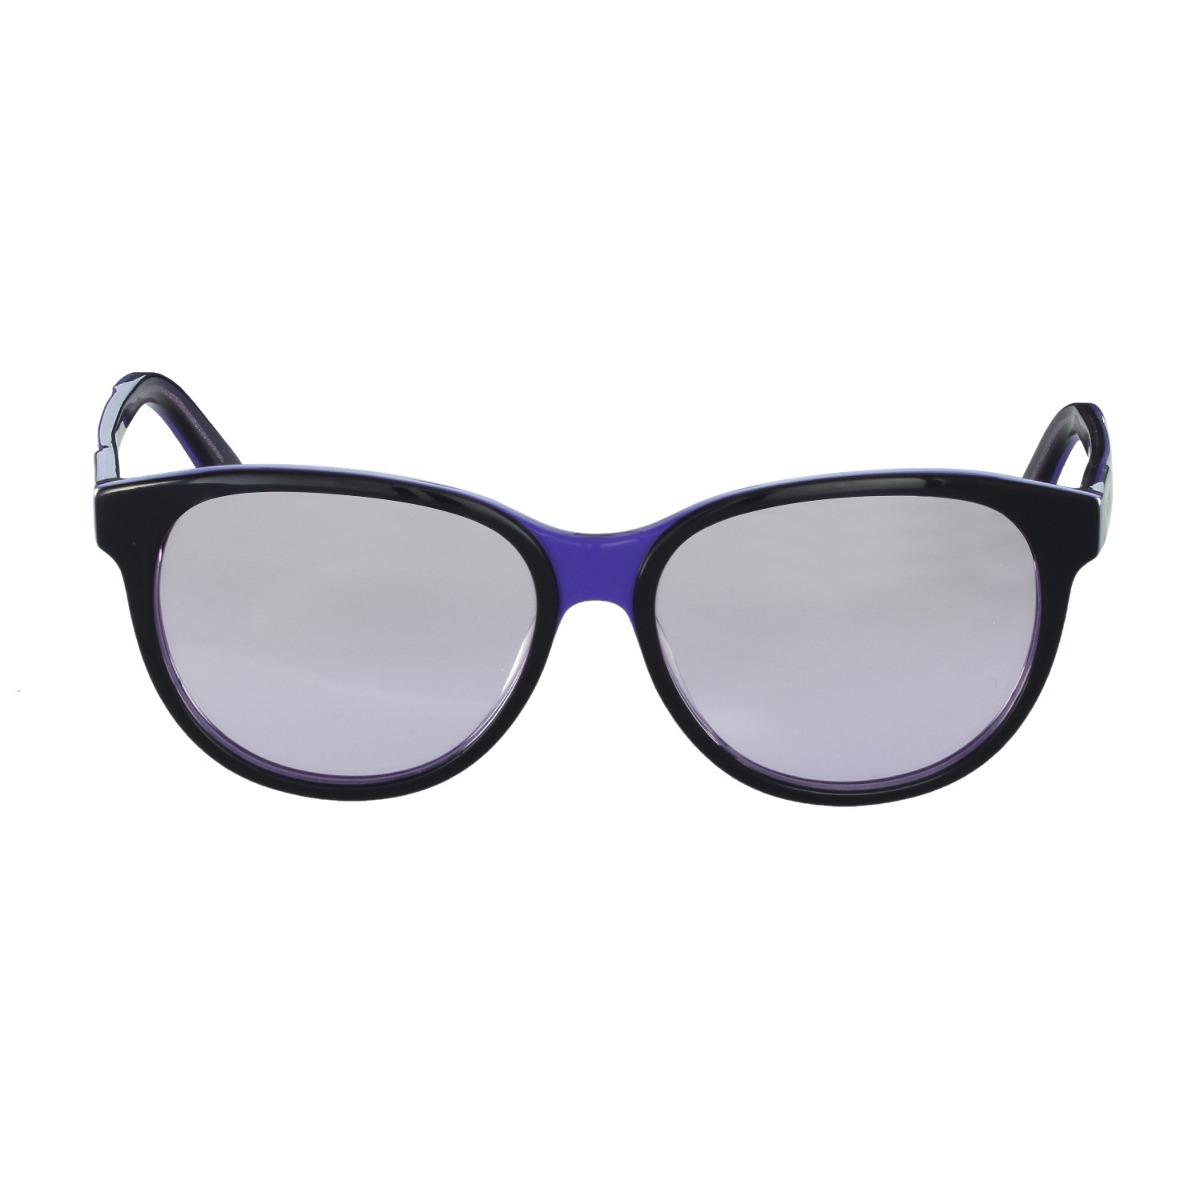 a61f2259ad7db óculos de sol just cavalli fashion roxo. Carregando zoom.